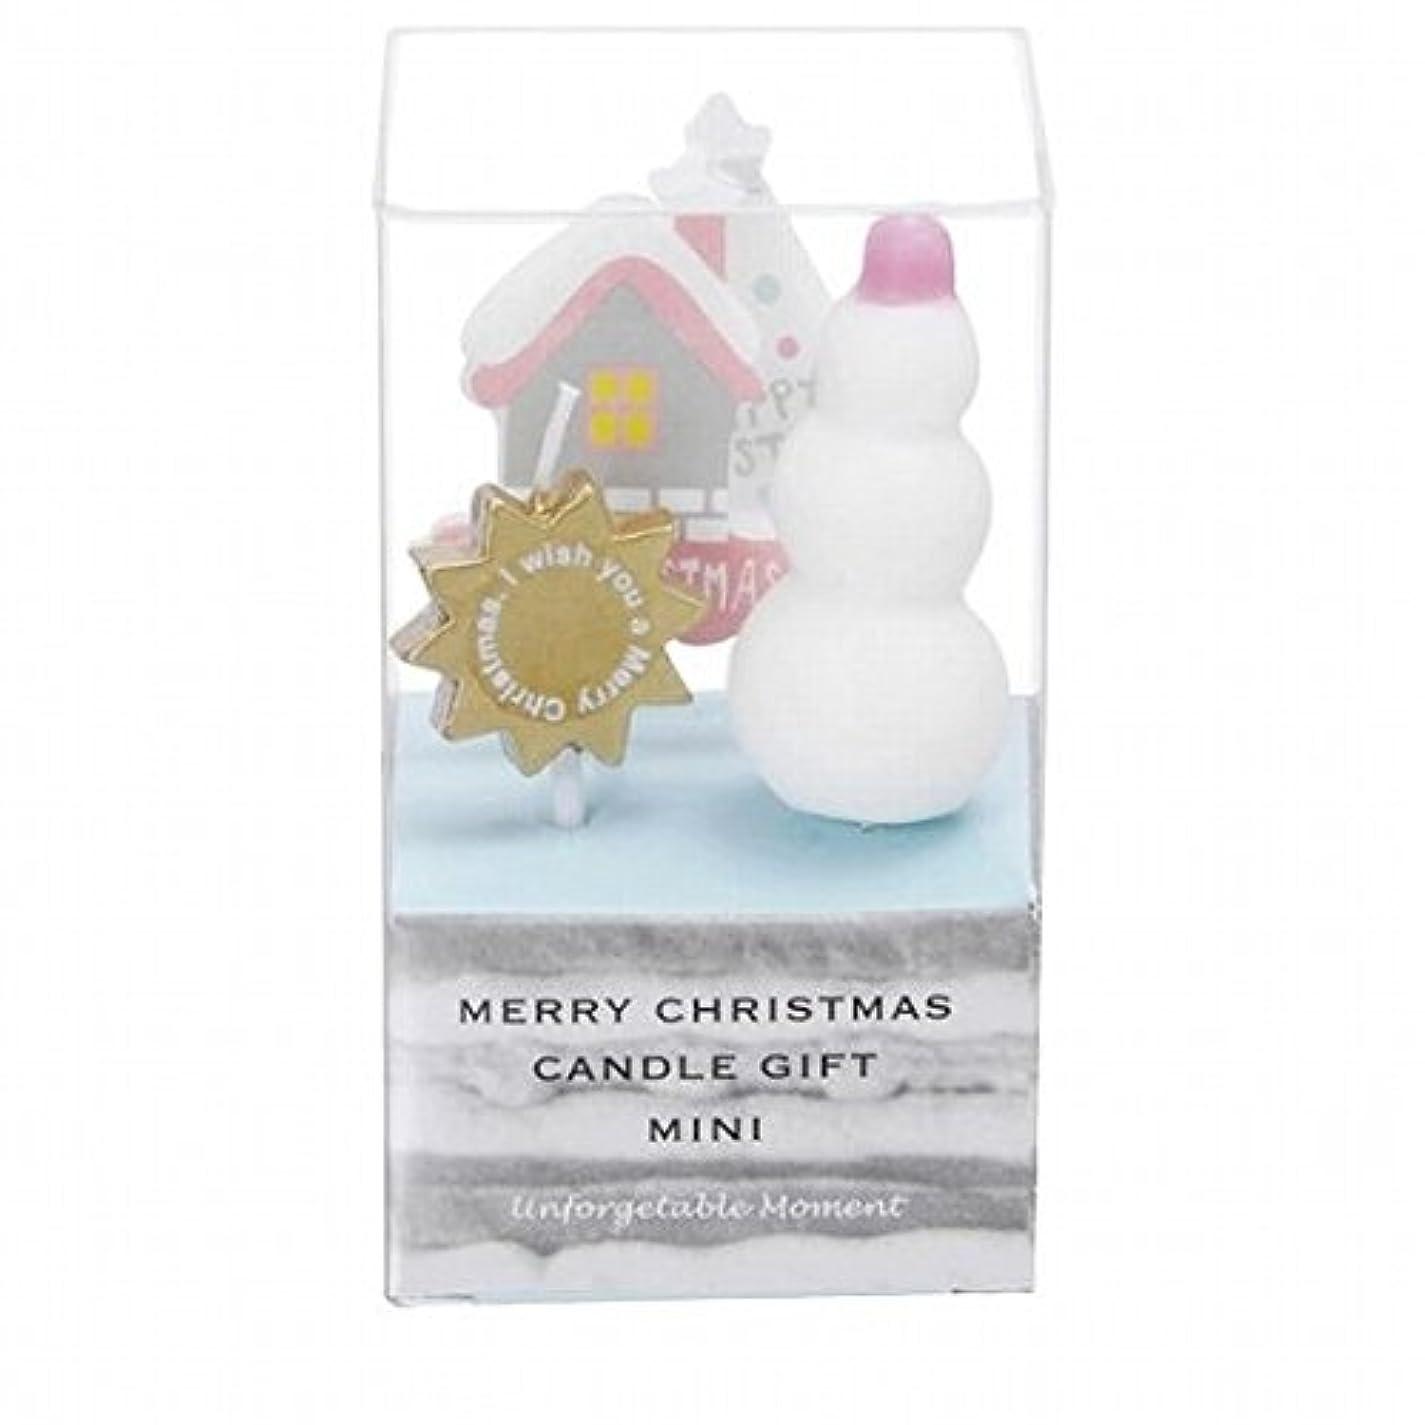 ニコチンプレビスサイト血まみれkameyama candle(カメヤマキャンドル) クリスマスキャンドルギフトミニ 「 B 」(55350050)